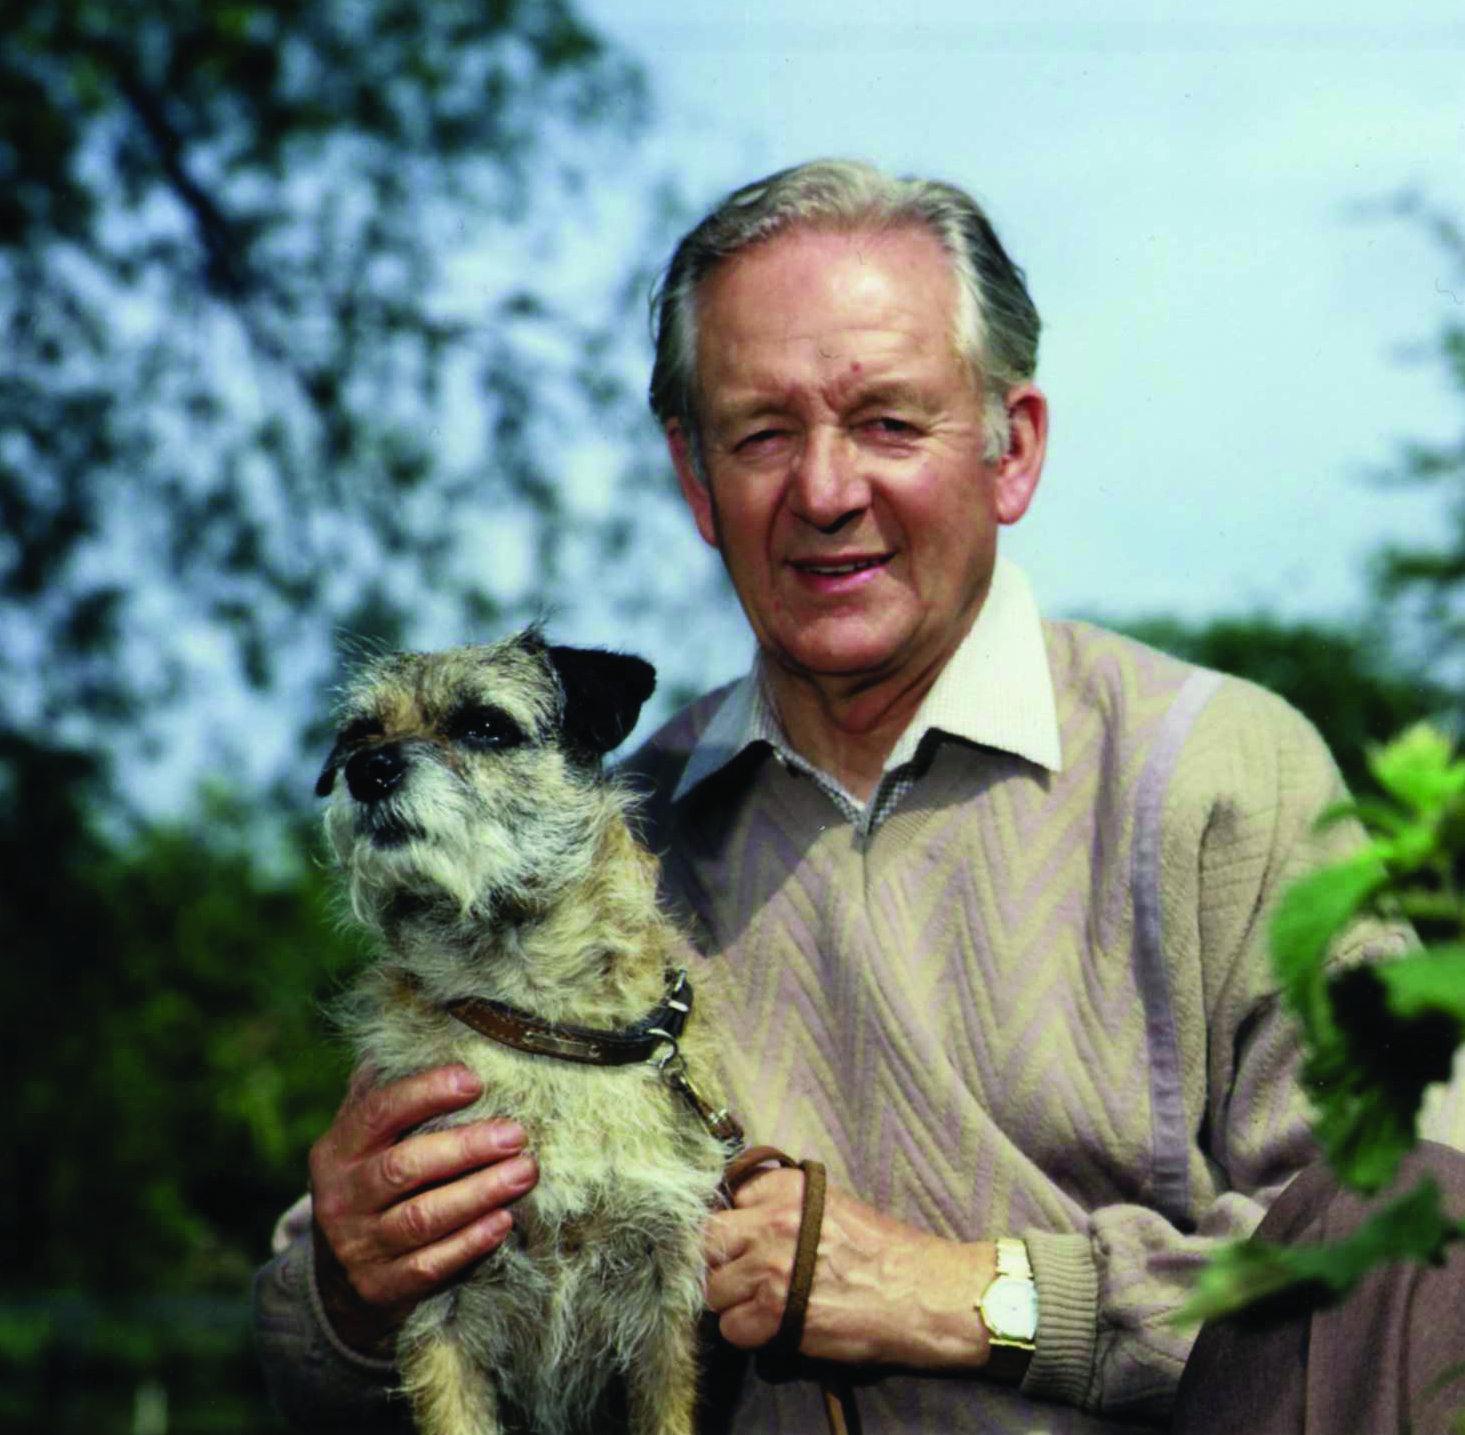 Alf wight aka James Herriot